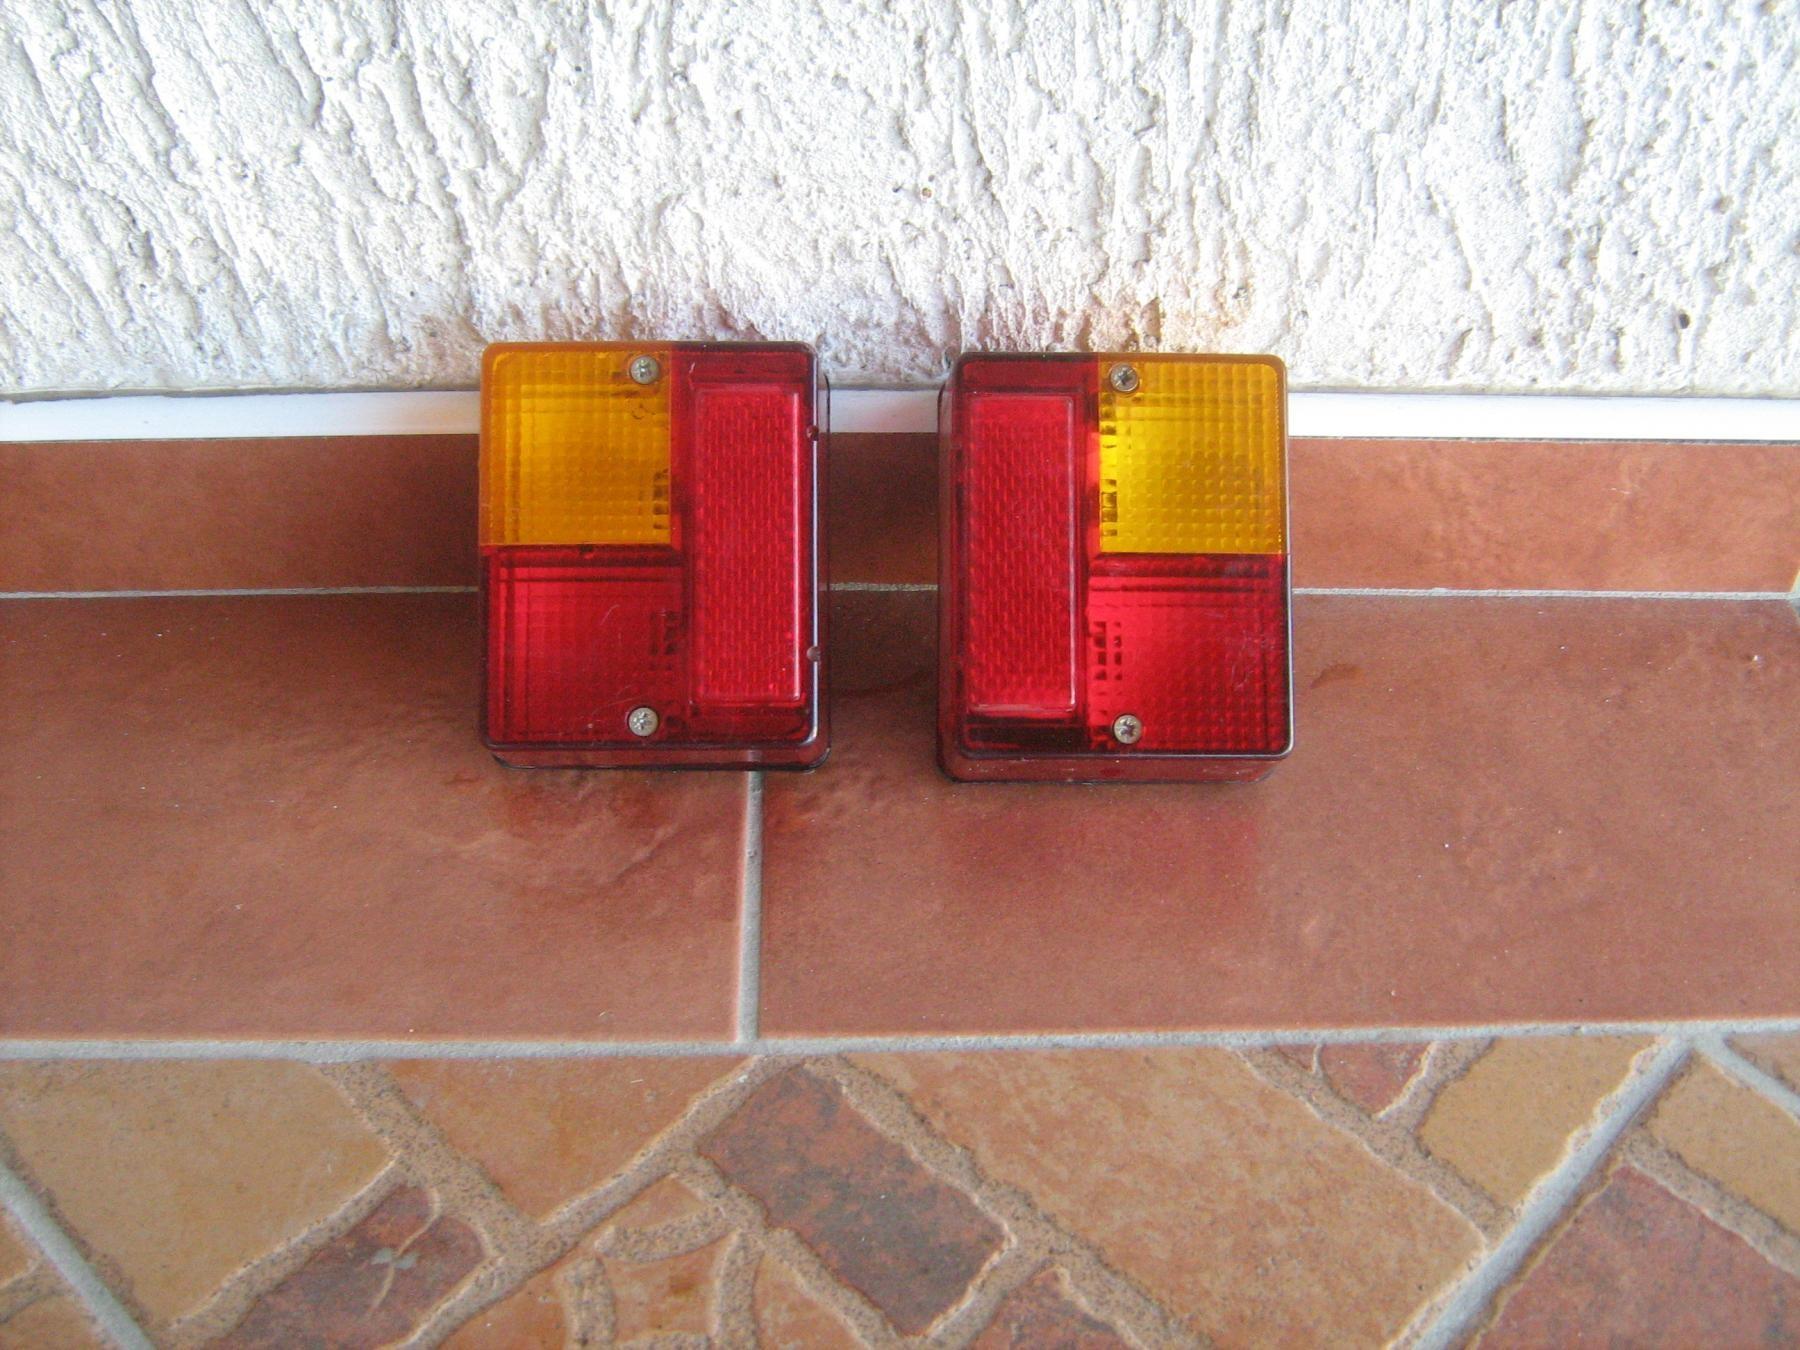 Nova-signalizacija-za-prikolicu-stop-lampe-_slika_O_1113427.jpg